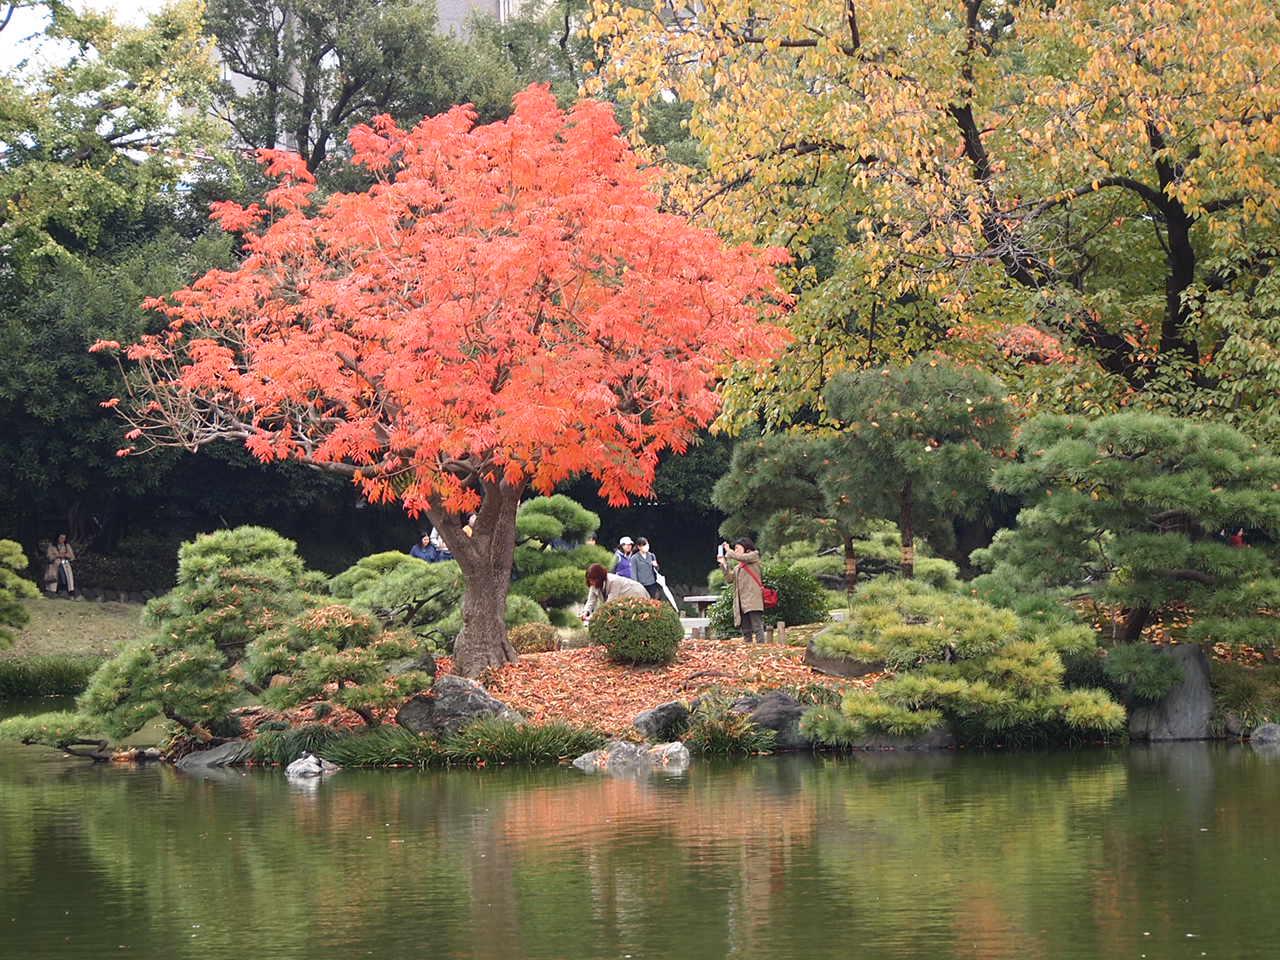 ポツリポツリ小雨降る清澄庭園散策_a0214329_21422018.jpg